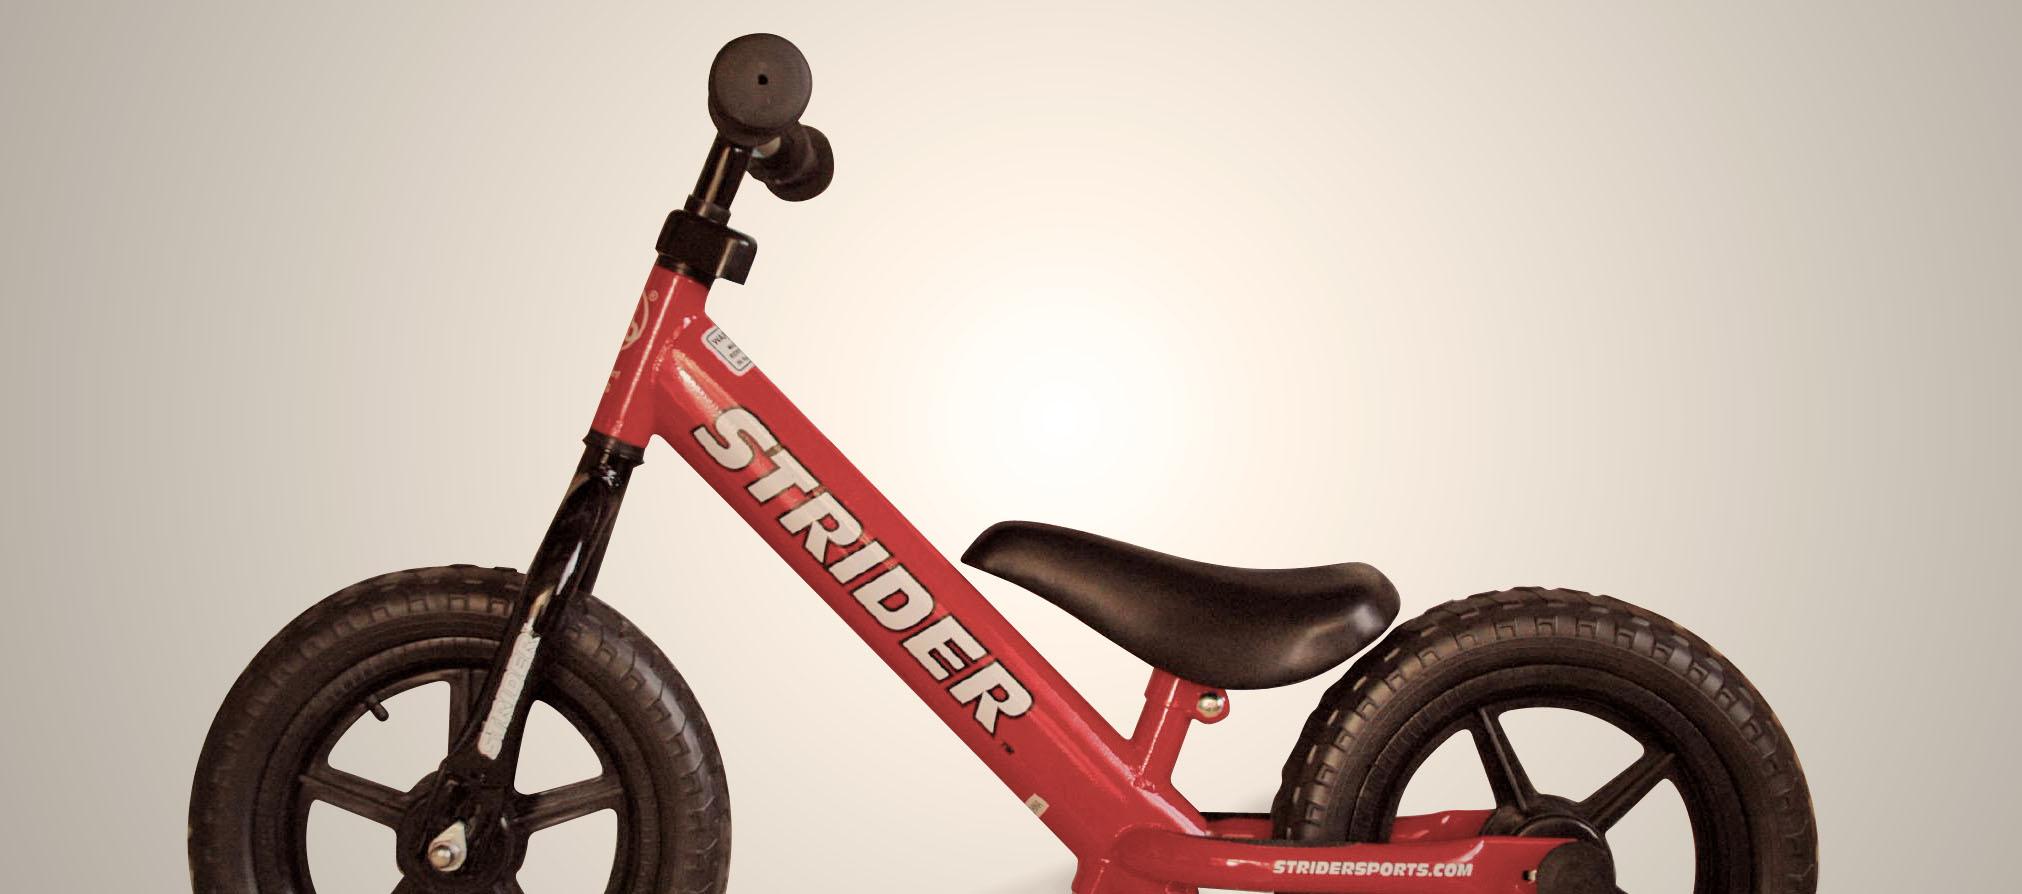 Comment transformer un vélo en draisienne?